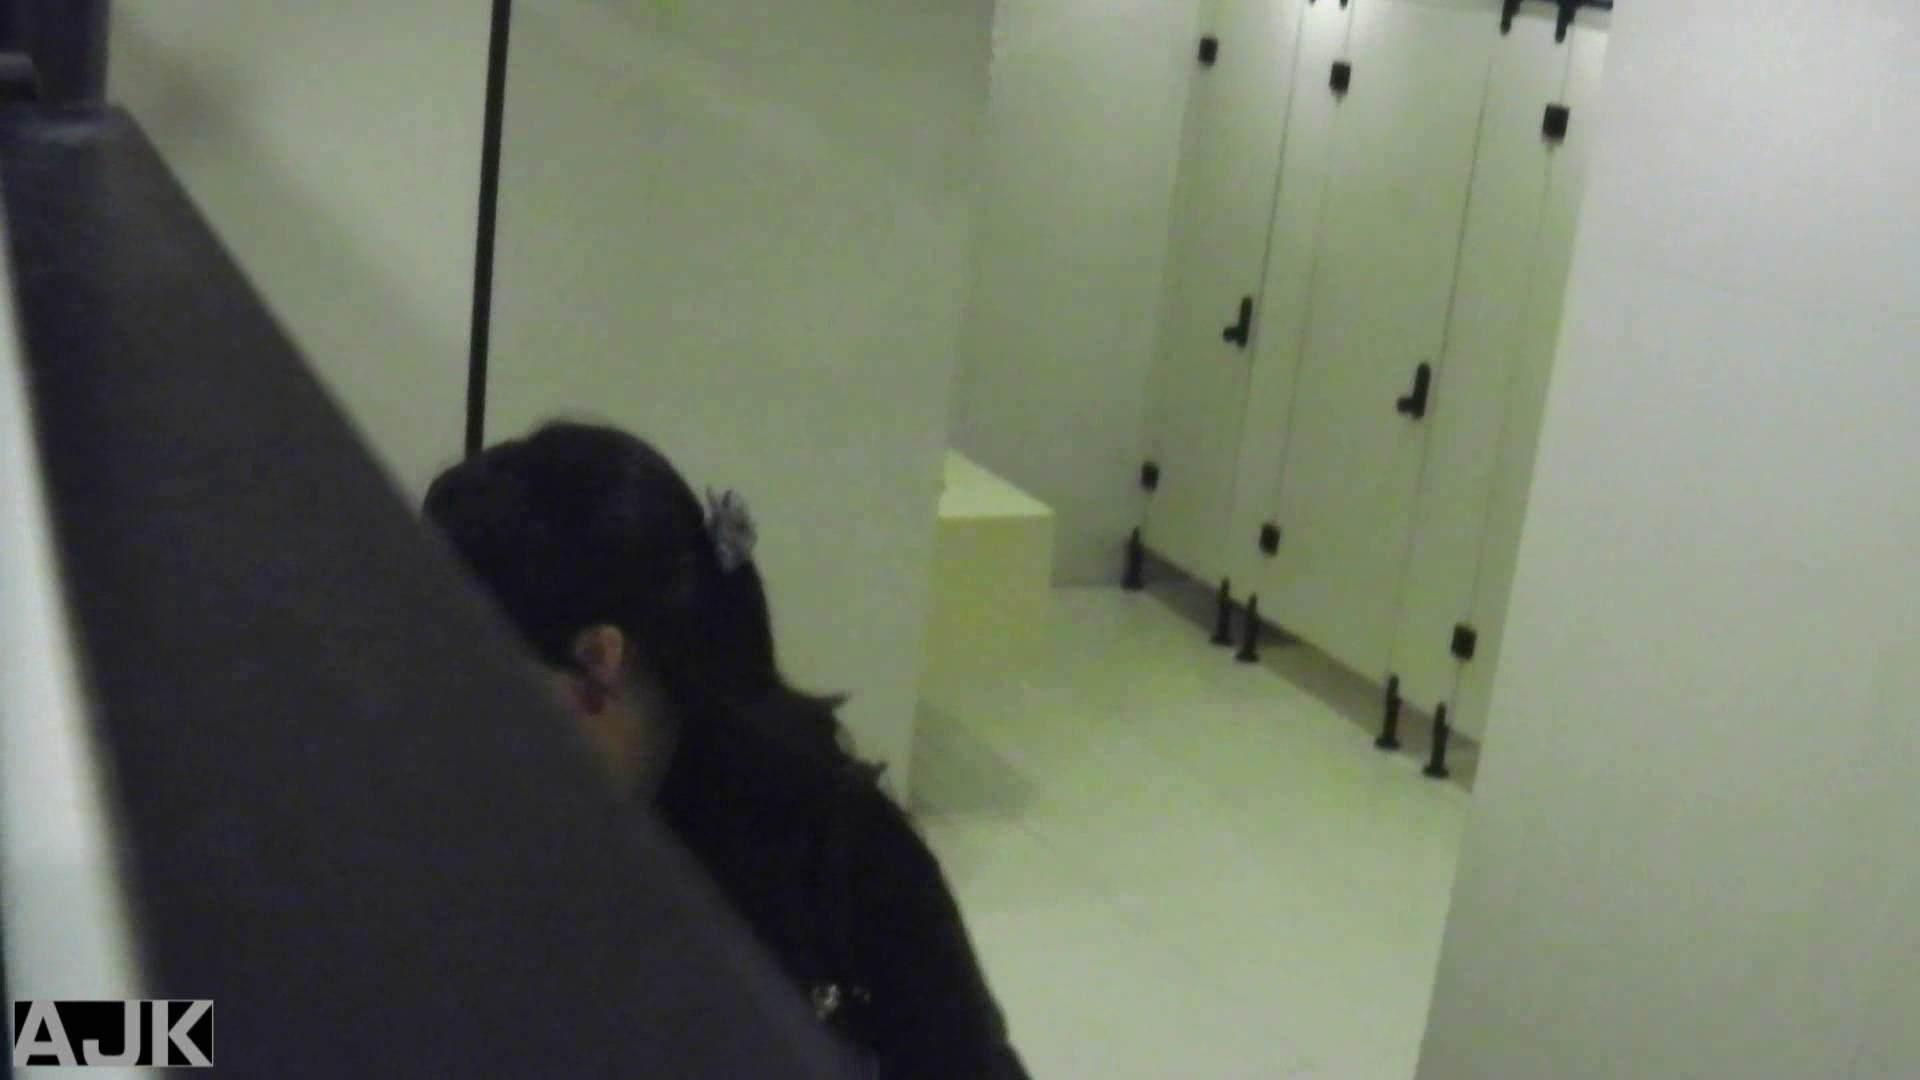 隣国上階級エリアの令嬢たちが集うデパートお手洗い Vol.19 HなOL  99pic 48